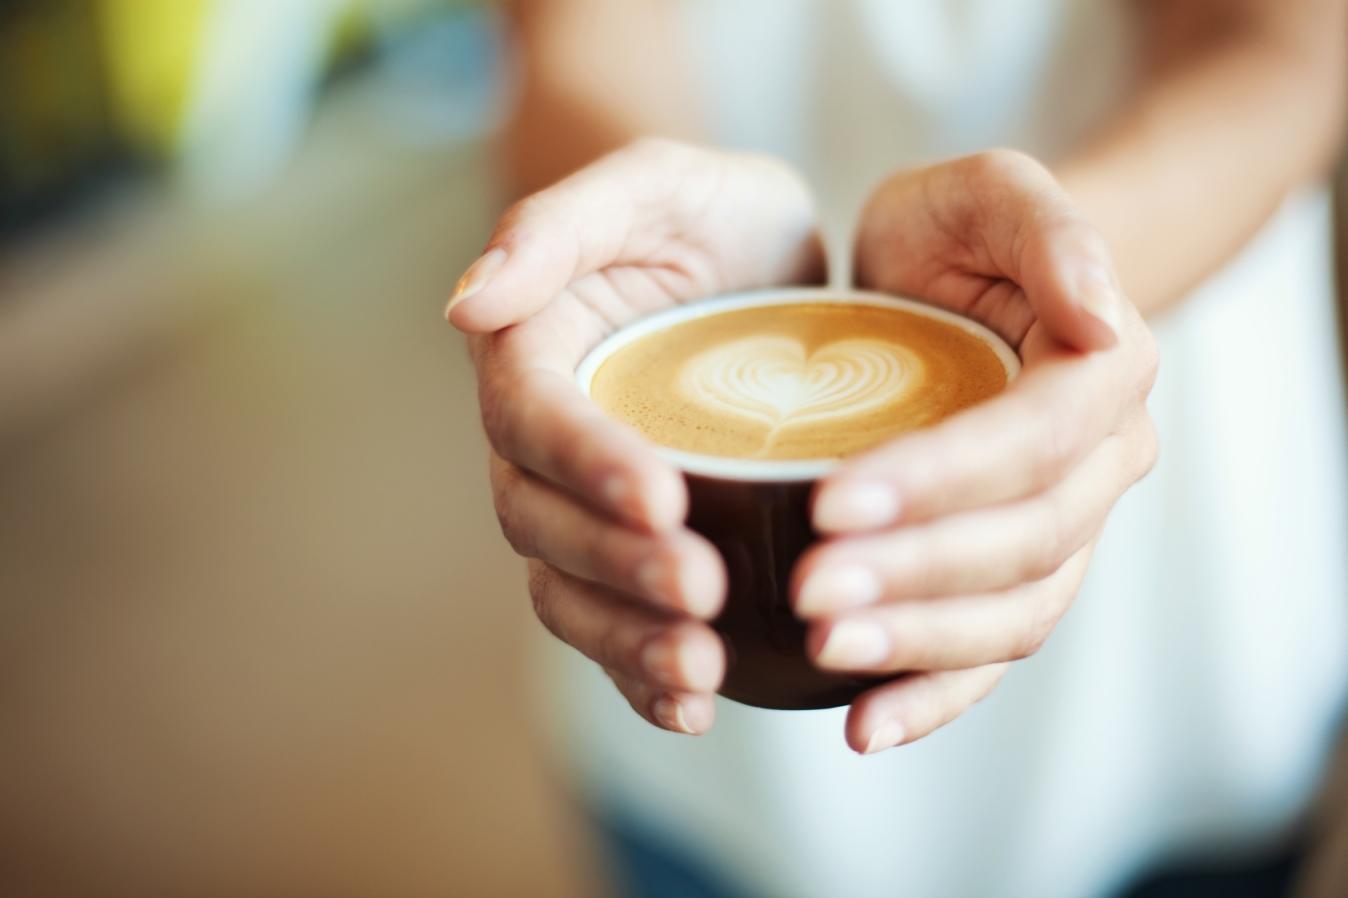 cafea slabind in Japonia cea mai bună metodă naturală pentru pierderea în greutate